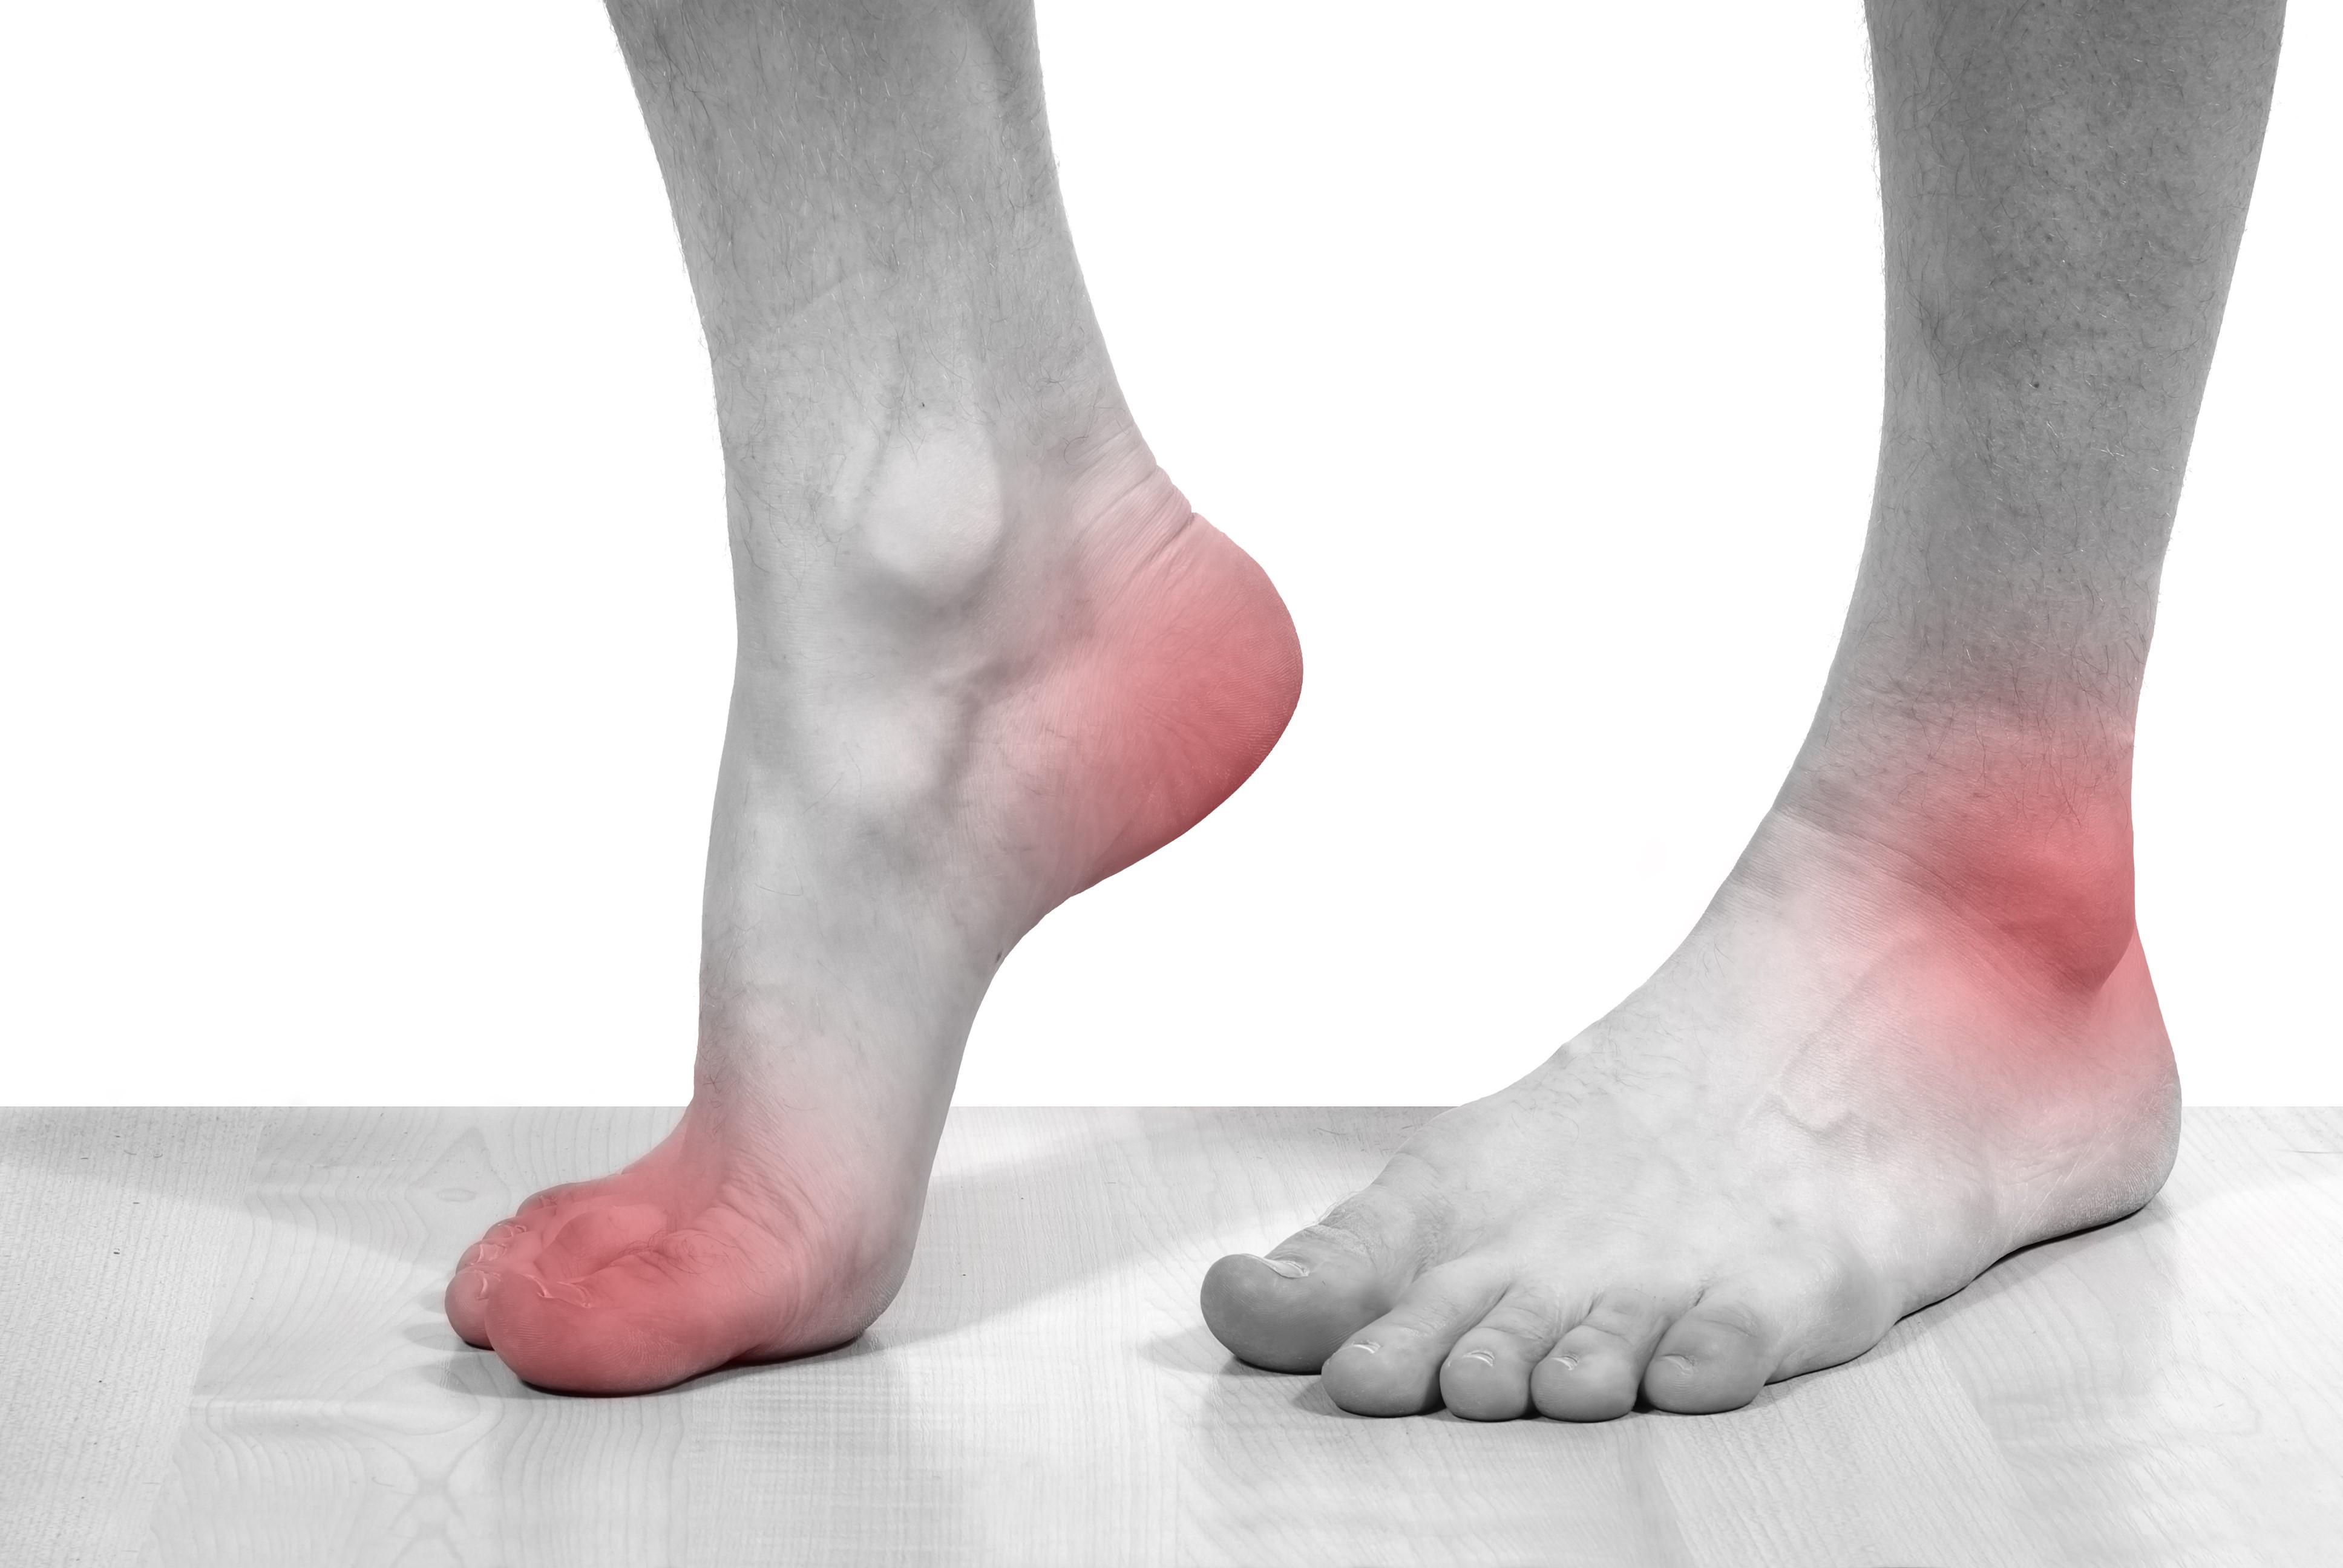 ostriy-artrit-bolshogo-paltsa